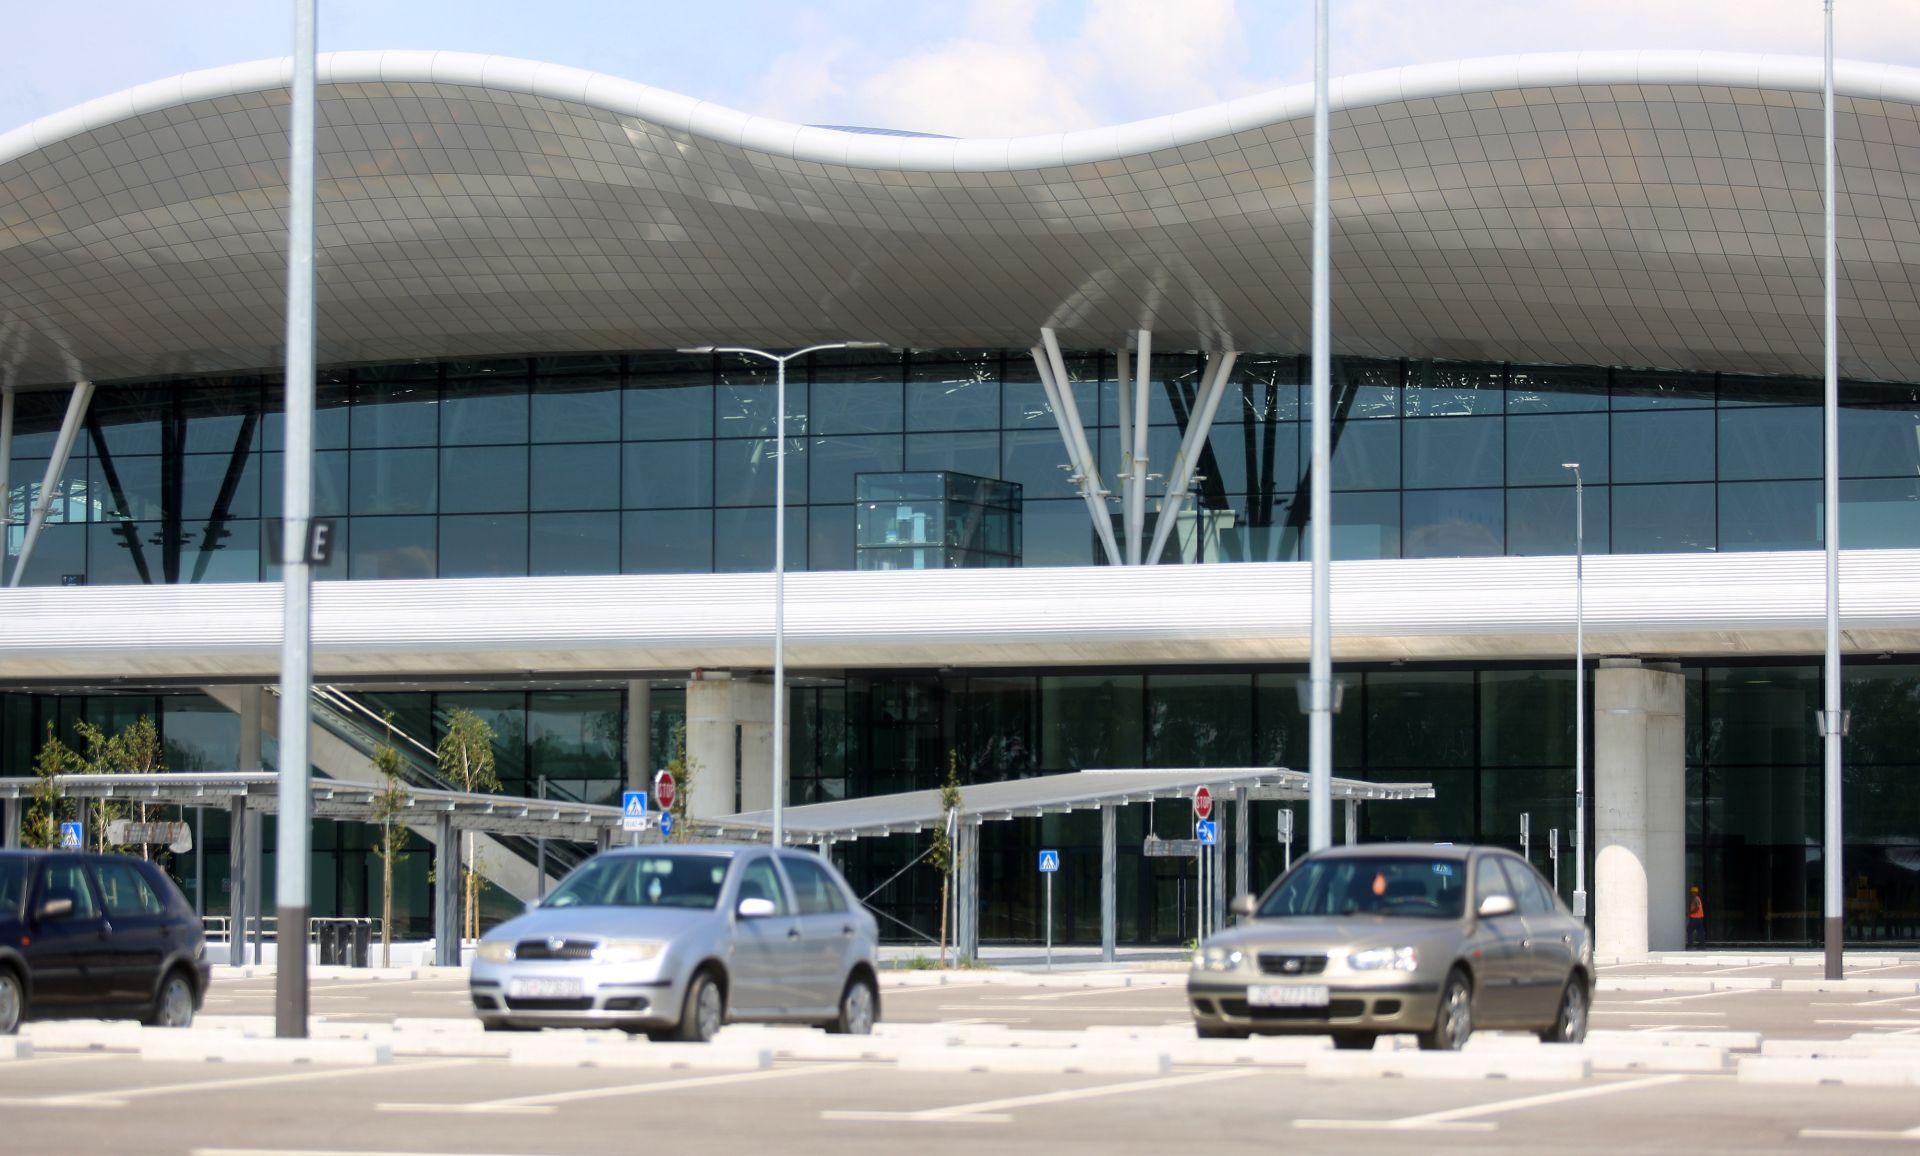 ZRAČNA LUKA ZAGREB: Počela testna pristajanja zrakoplova na novi terminal